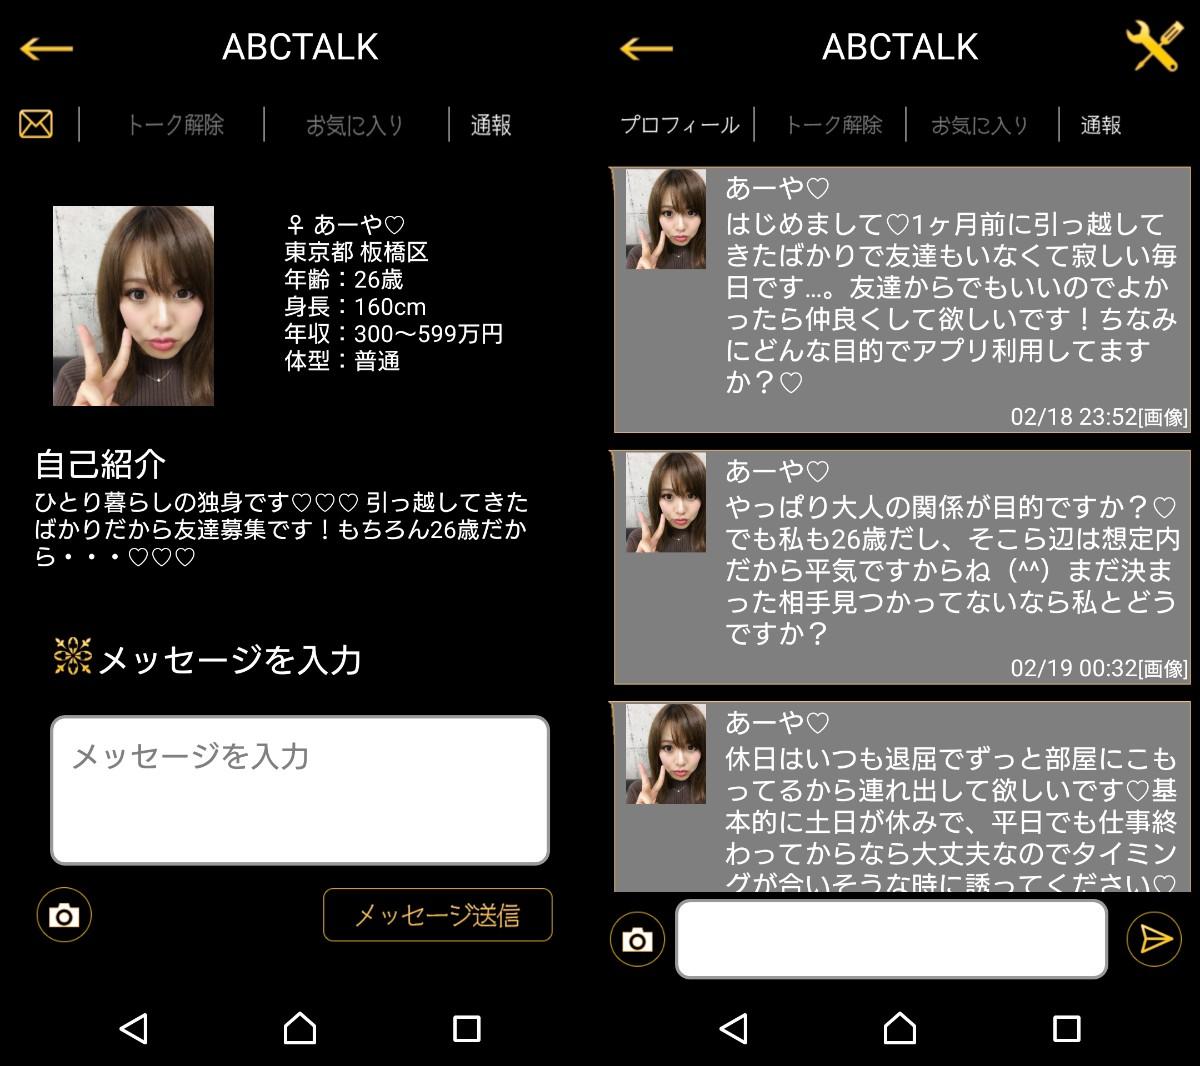 サクラ詐欺出会い系アプリ「ABCTALK」サクラのあーや